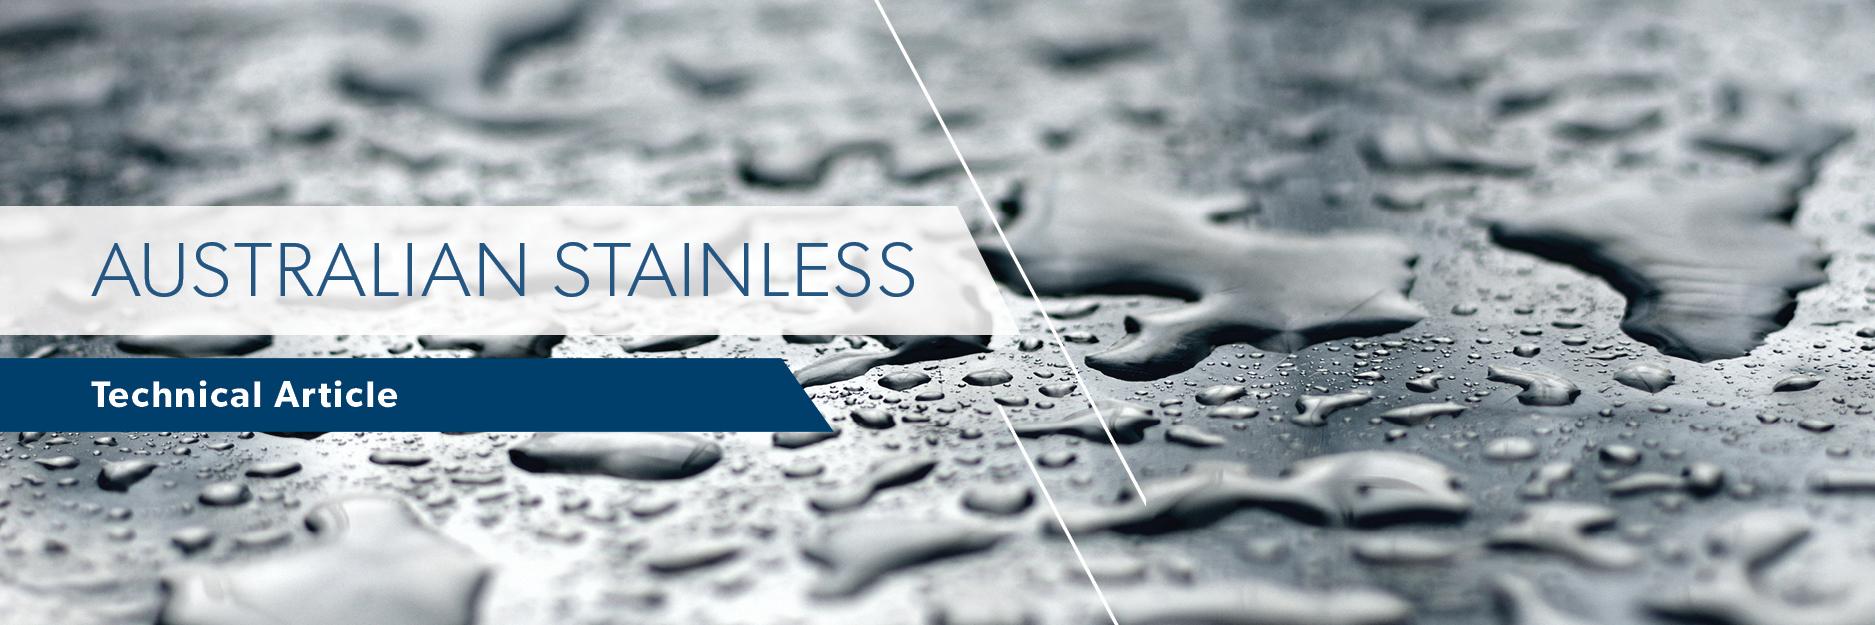 Alternative stainless steel grades - Part 2